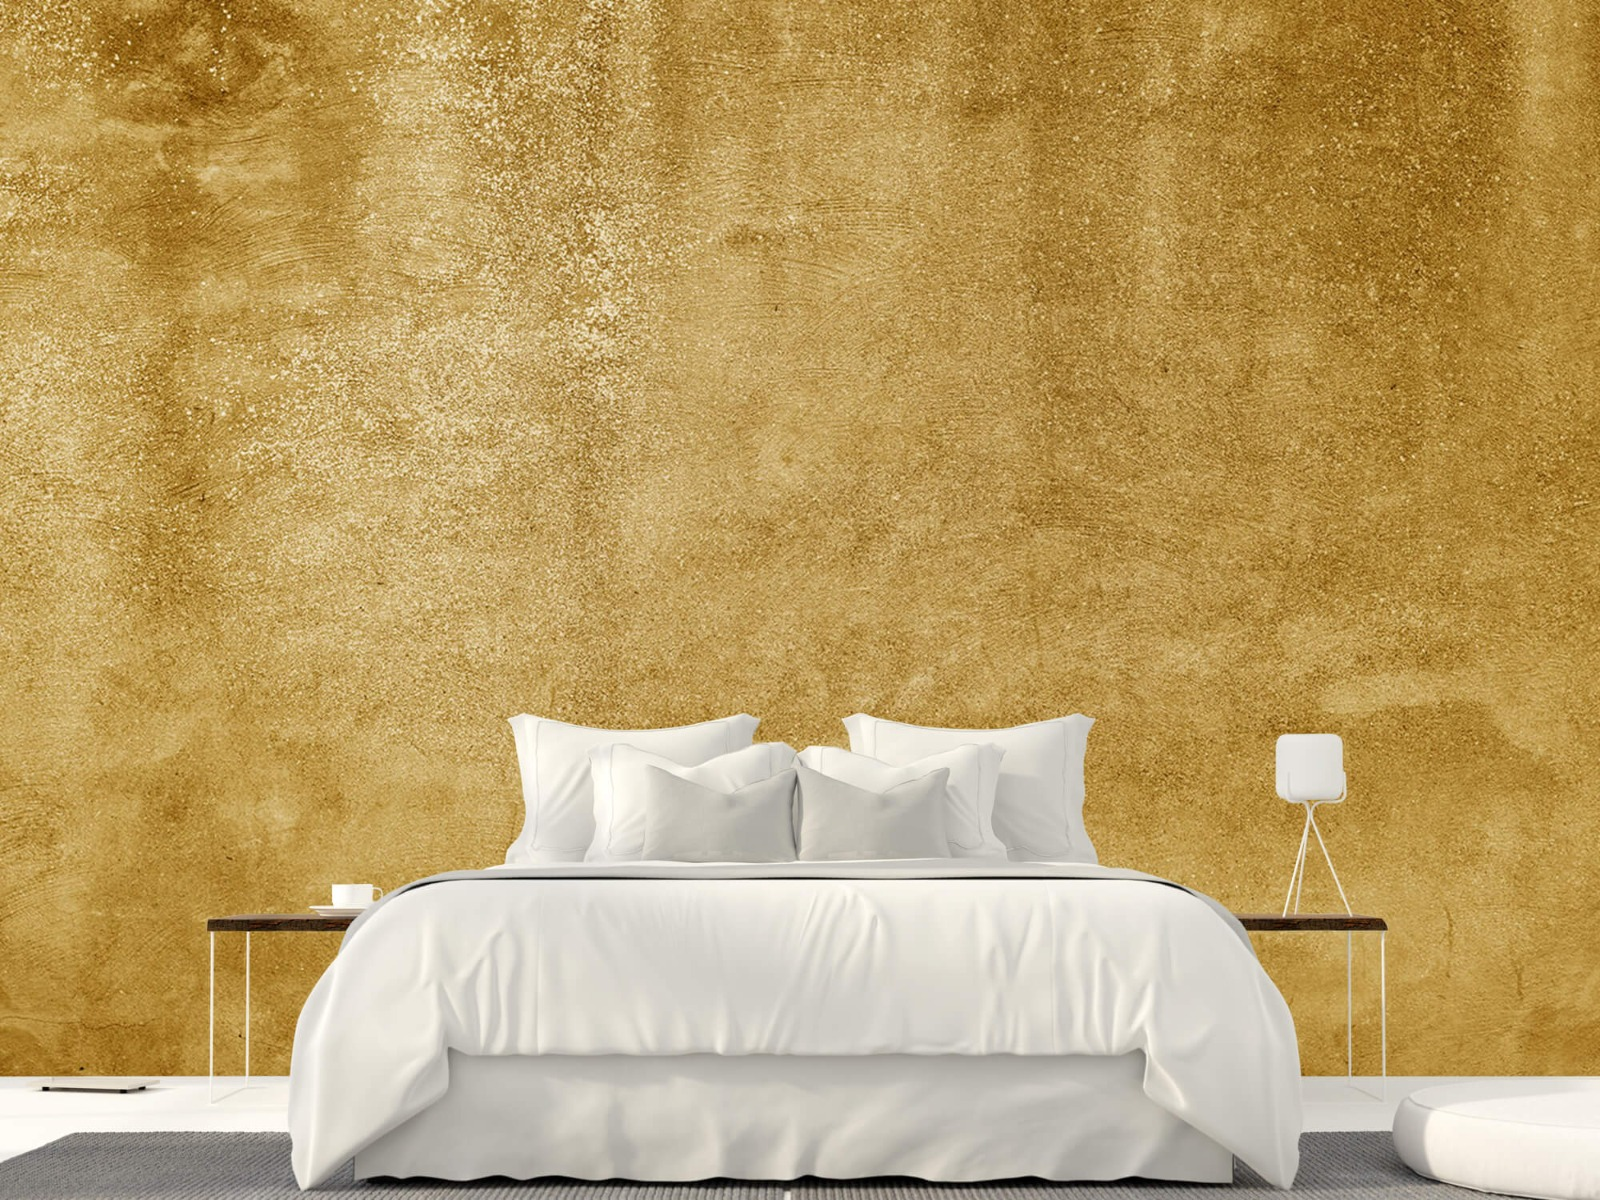 Betonoptik Tapete - Ockerhaltiger gelber Beton auf Fototapete - Wohnzimmer 23